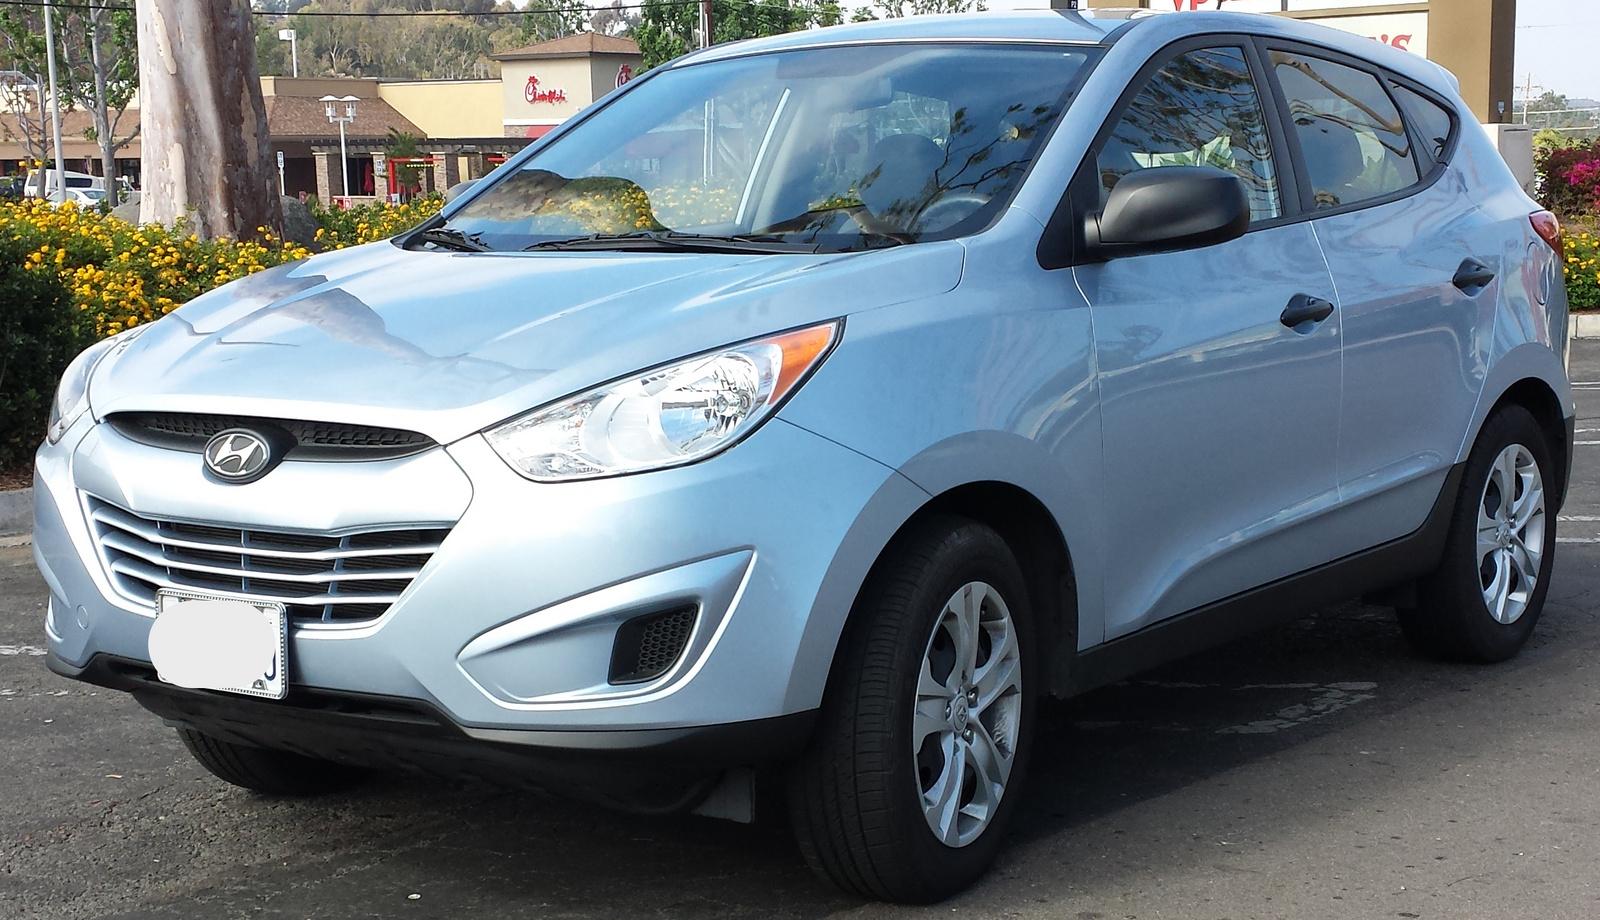 2010 Hyundai Tucson Exterior Pictures Cargurus